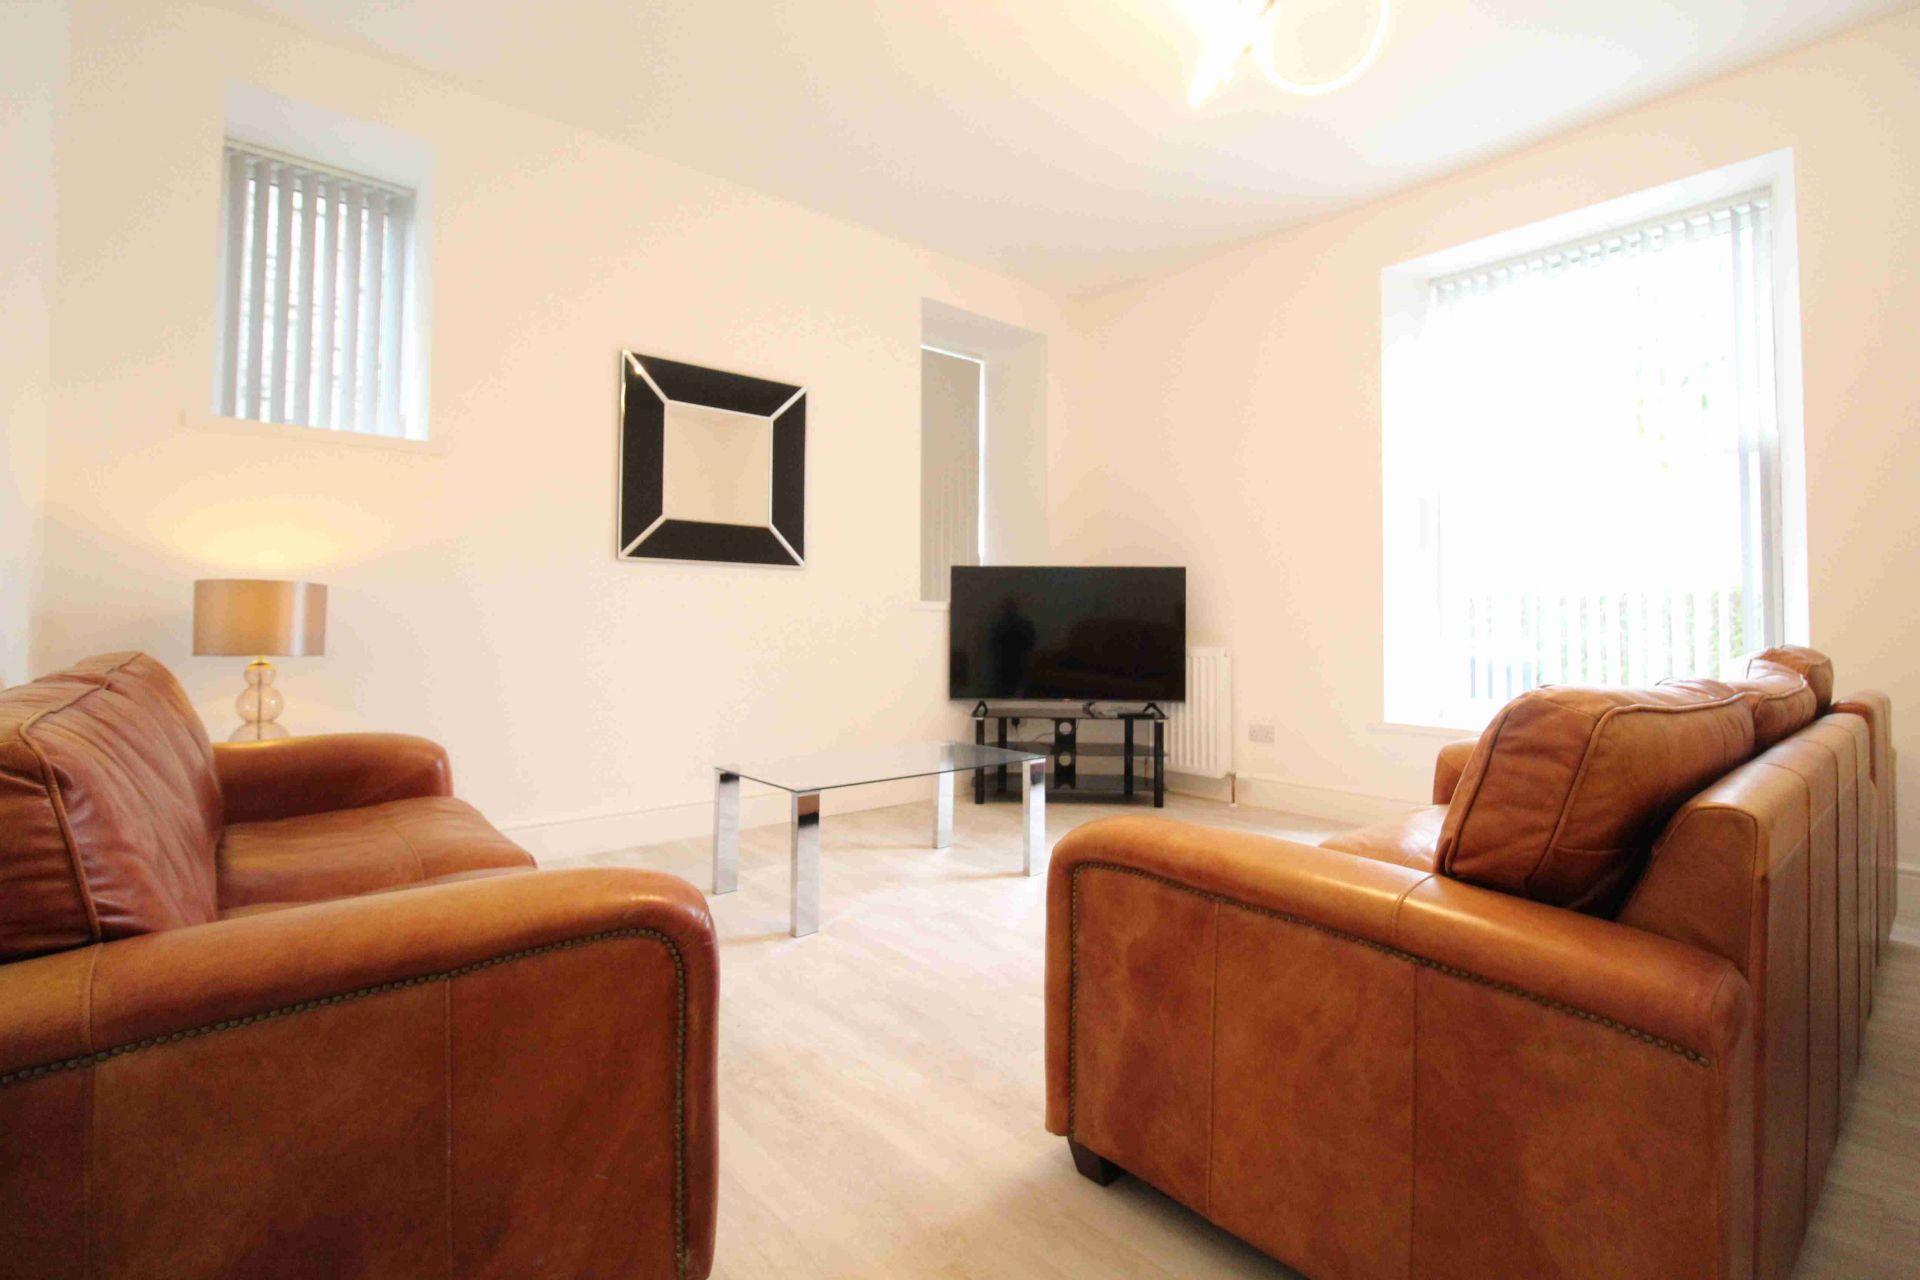 ARD-Properties-Development-Sites-Buy-Homes-Rent-Aberdeenshire-Rentals-Apartment-A-Loanhead-Terrace-Aberdeen-Banner (6)